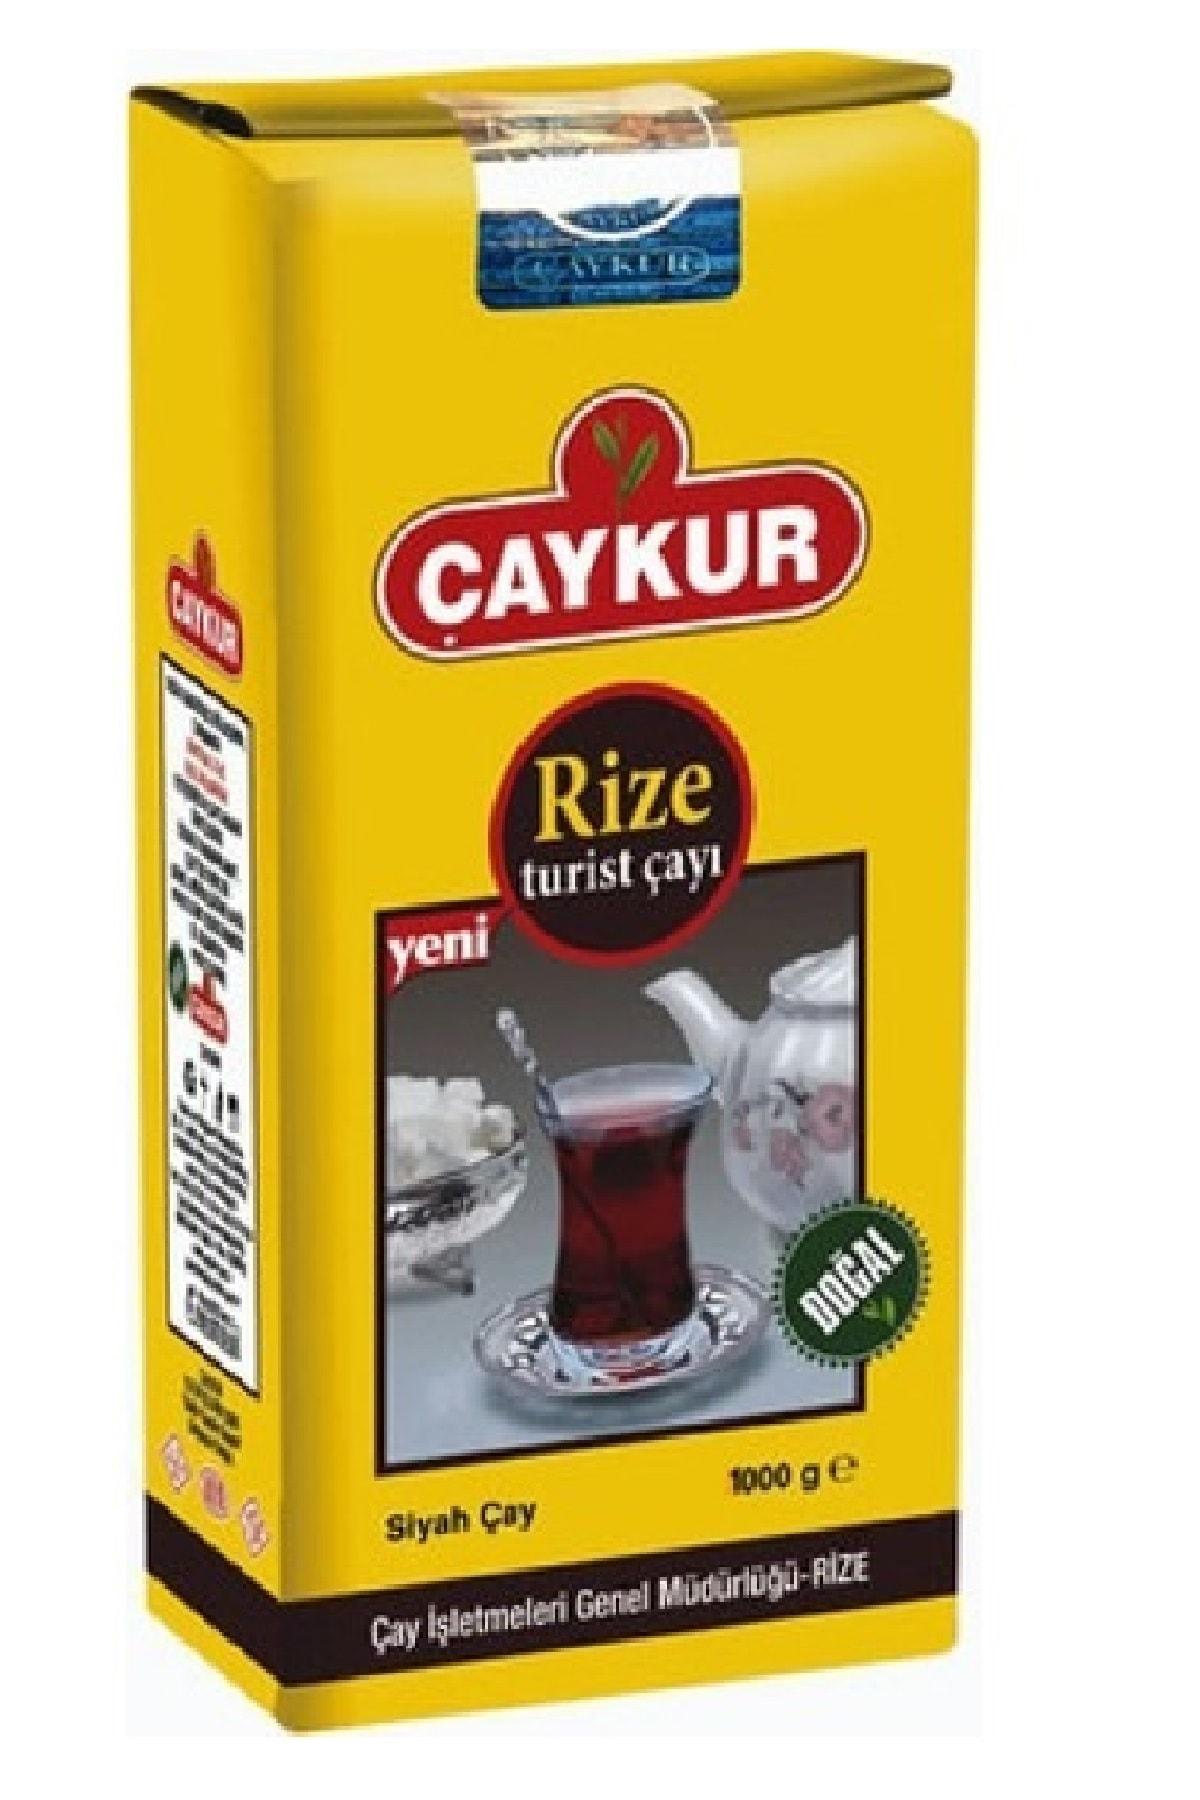 Çaykur Rize Turist Çayı Siyah Çay 1 kg 0